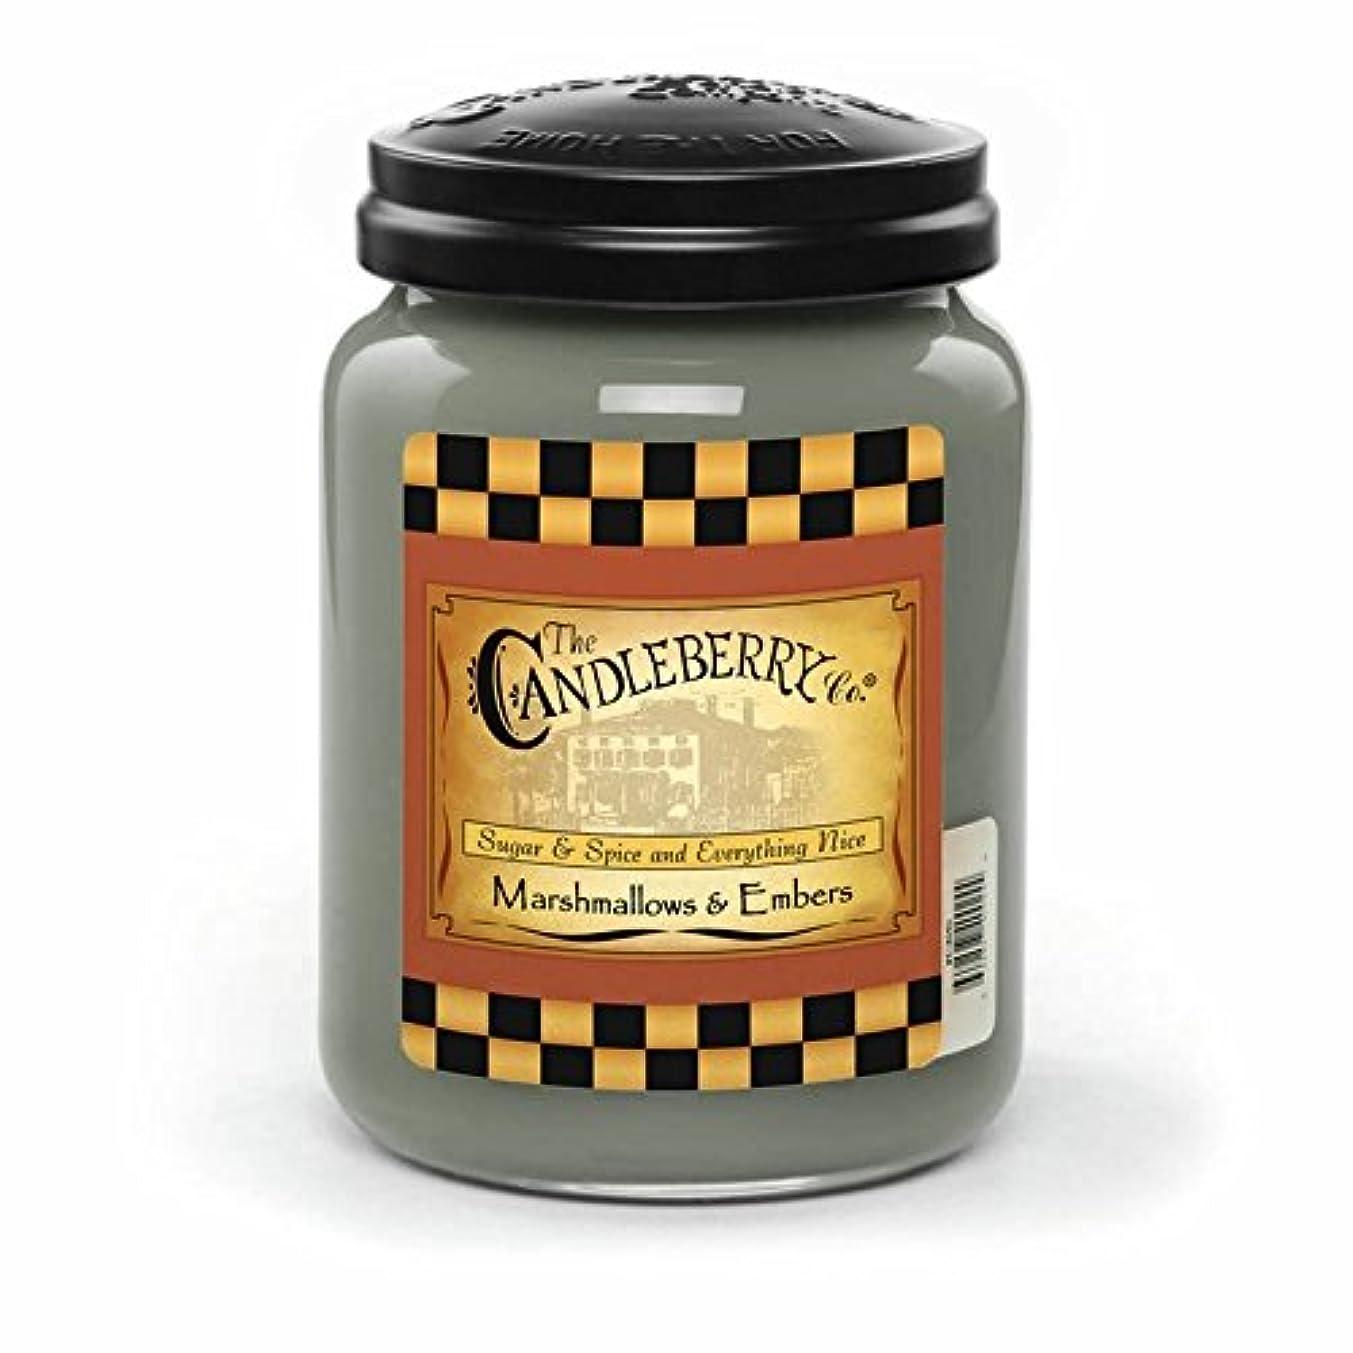 評価可能はがき保持するMarshmallow &残り火26オンスLarge Jar Candleberry Candle